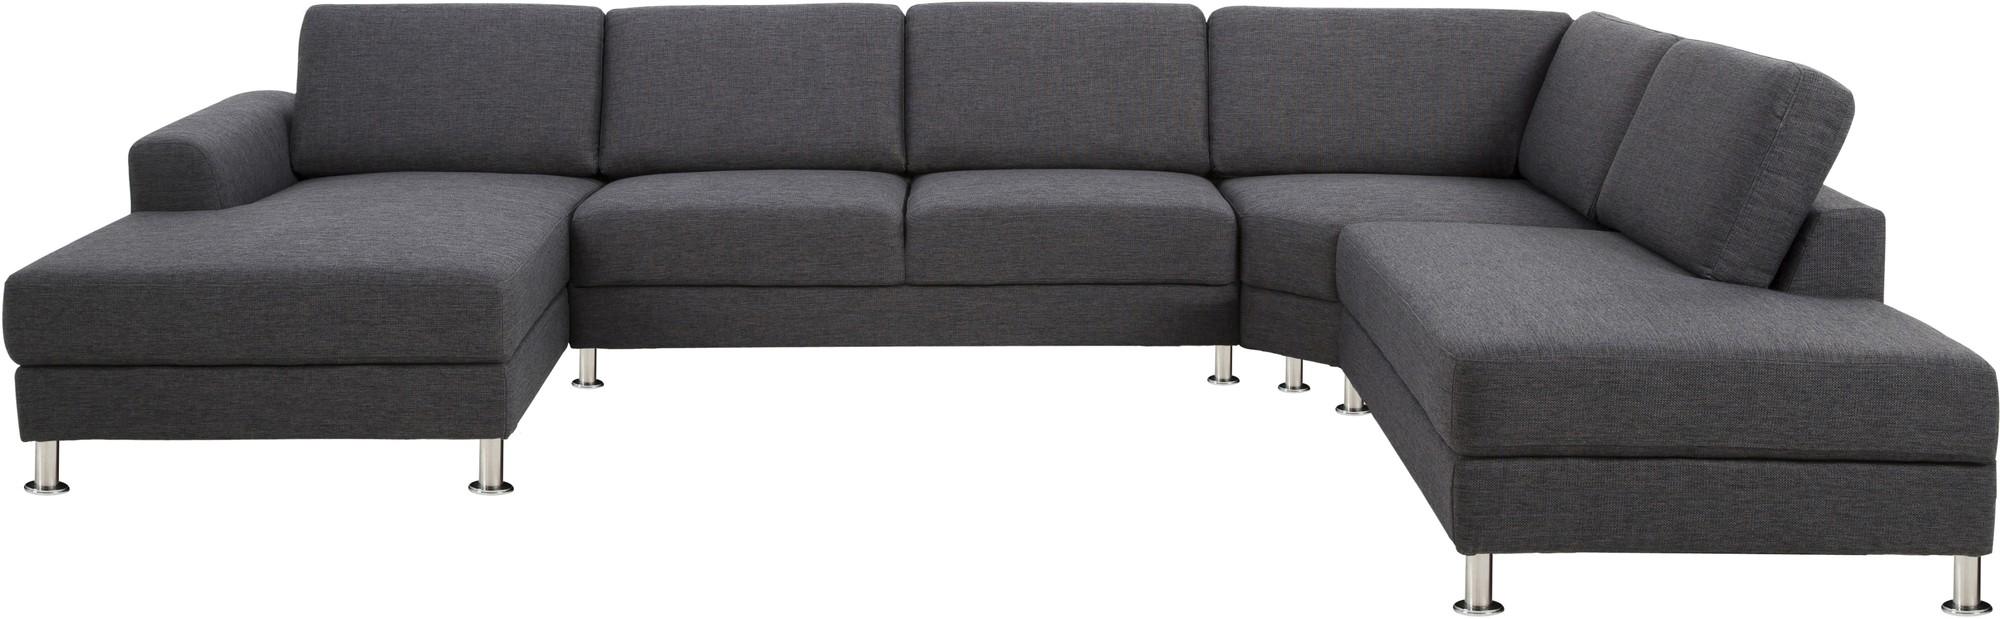 Grote grijze hoekbank grijze hoekbank ideas for interior livingroom link living room grote - Lounge design grijs ...